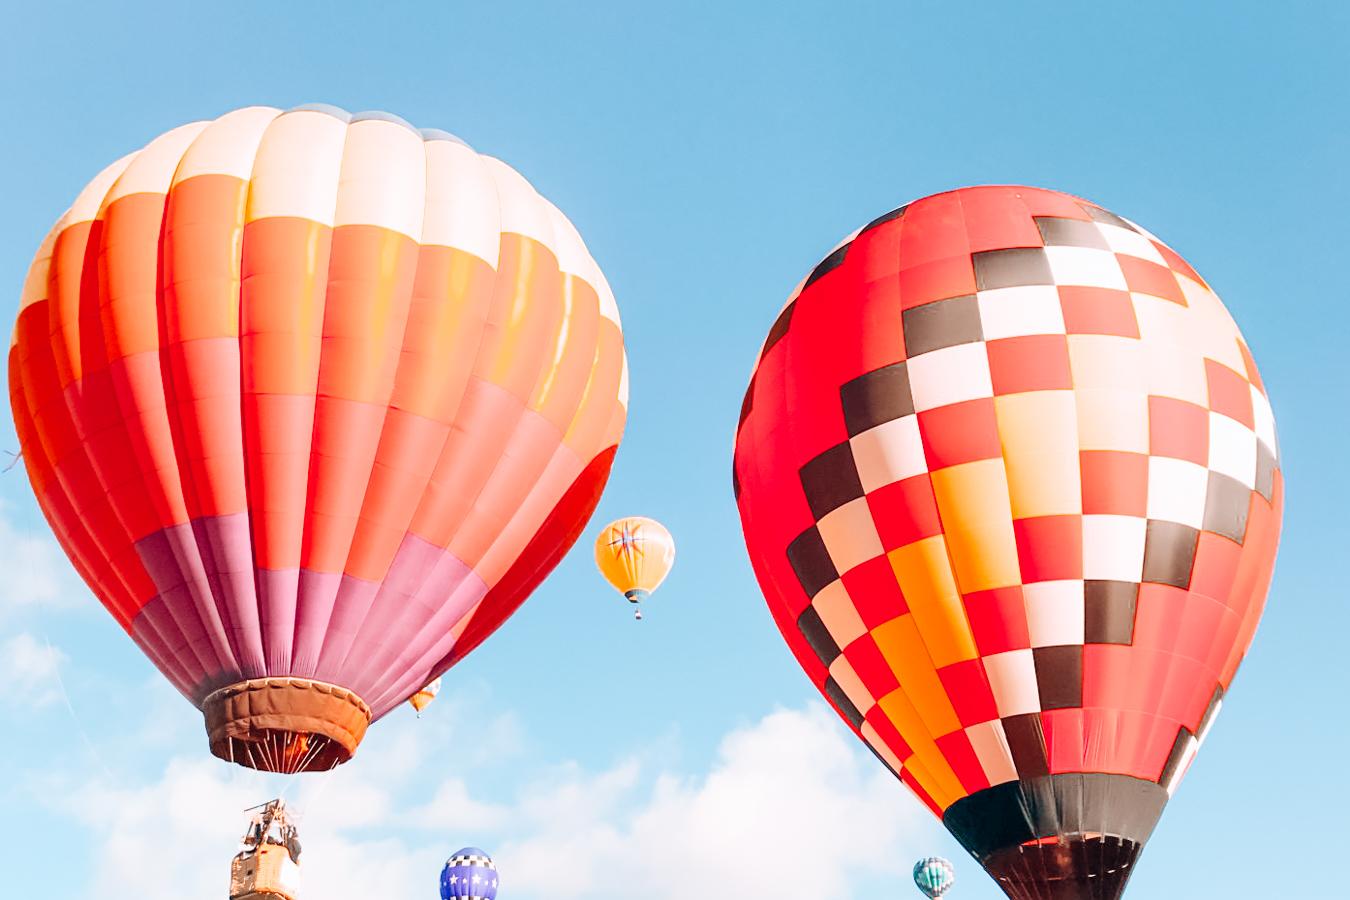 Hot air balloons in Albuquerque